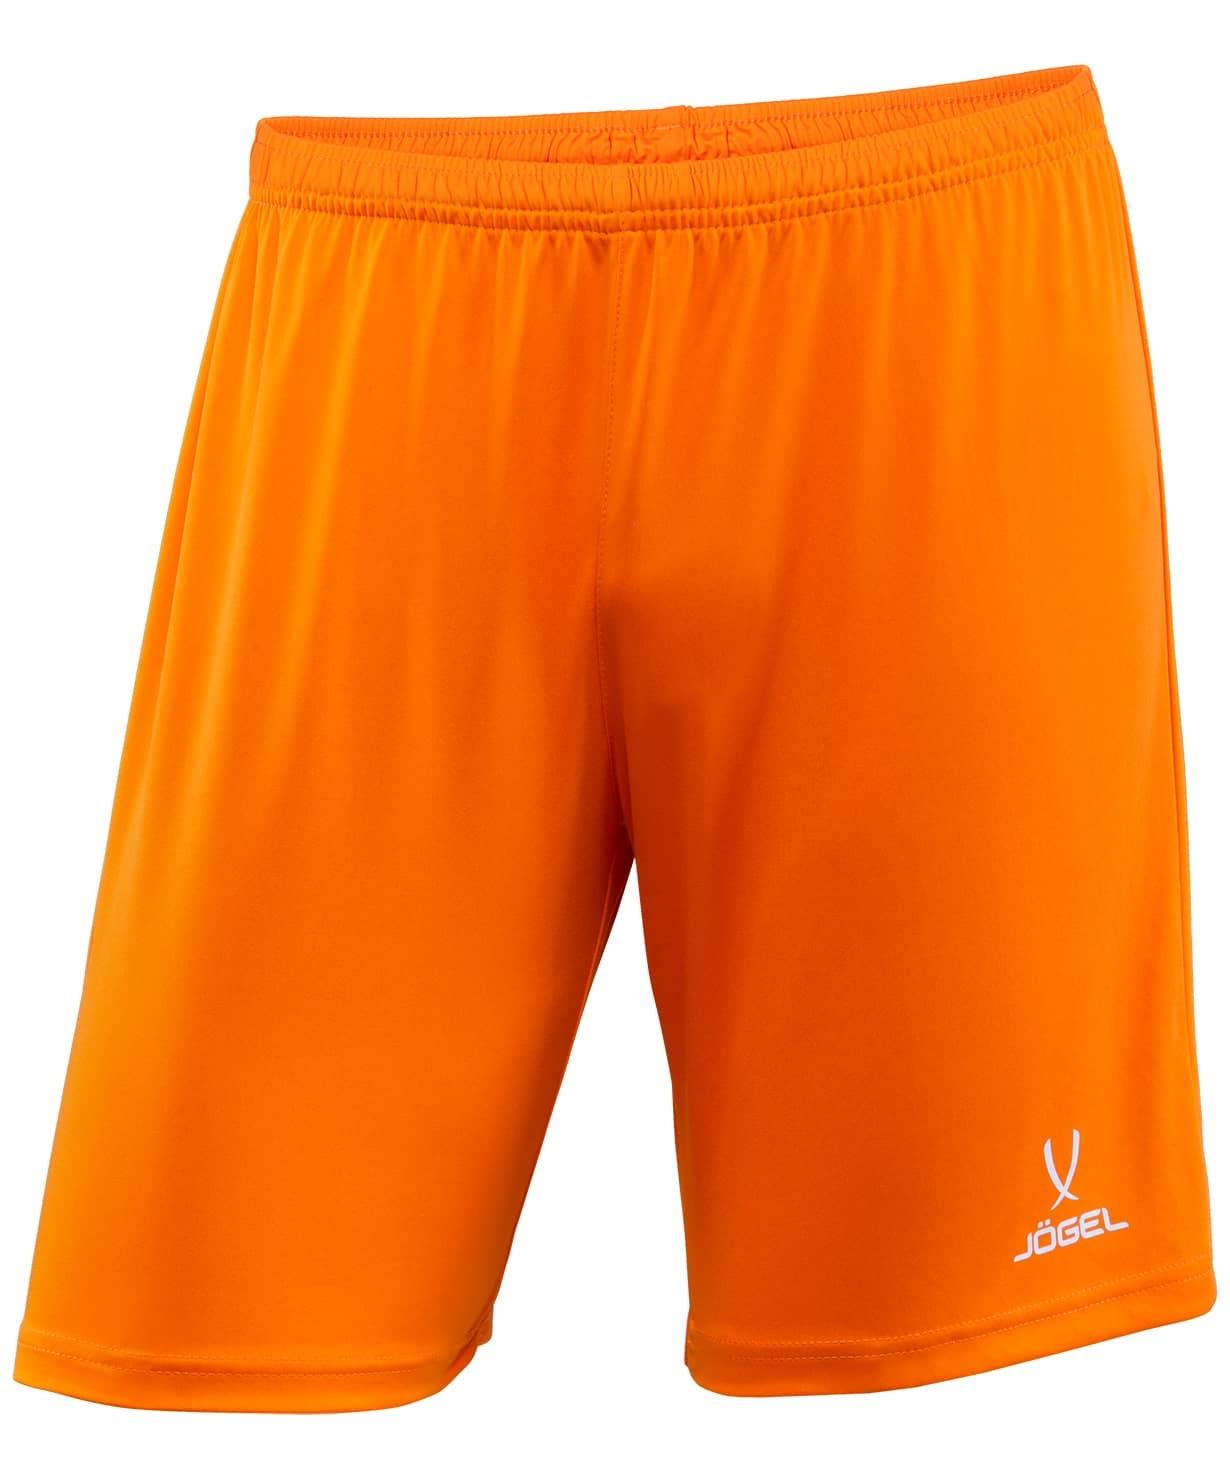 Шорты футбольные CAMP JFS-1120-O1-K, оранжевый/белый, детские